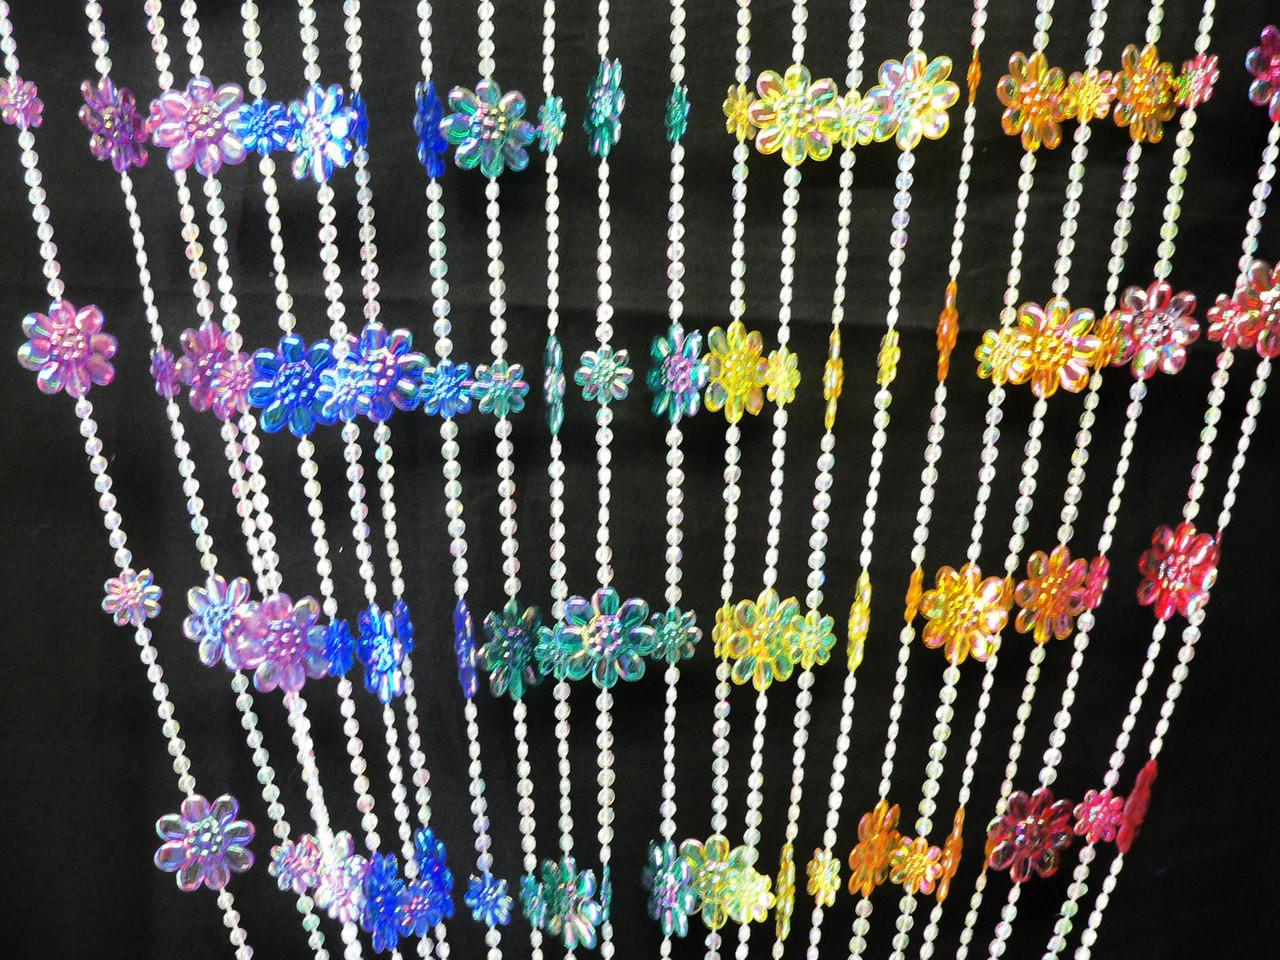 rainbow daisies beaded curtains 3